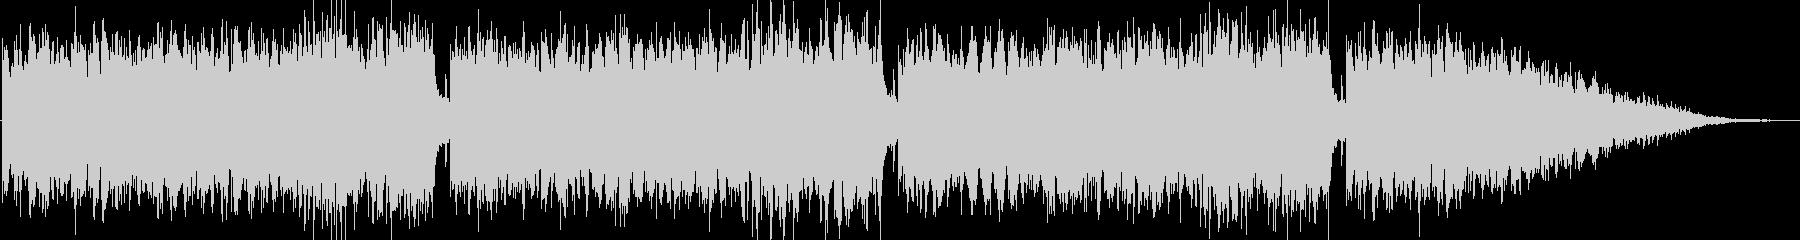 神聖な場面などで流れるピアノ曲の未再生の波形